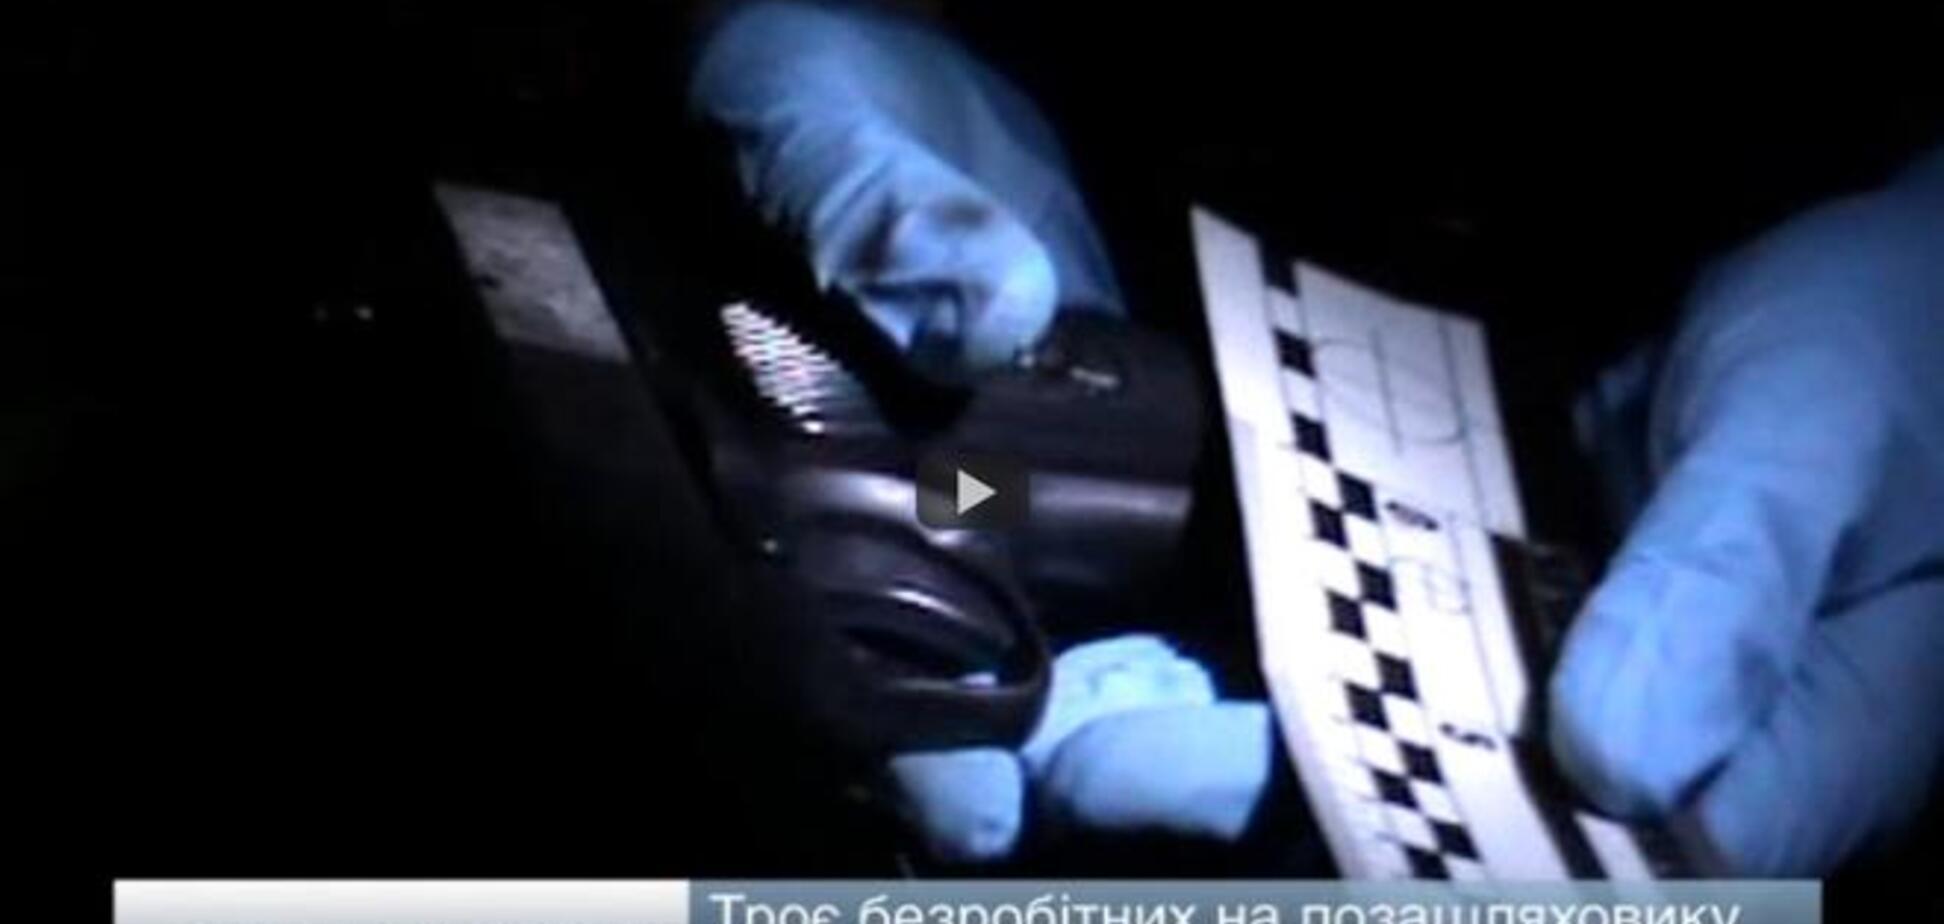 На блокпосту на въезде в Запорожье перехватили оружие - видеофакт